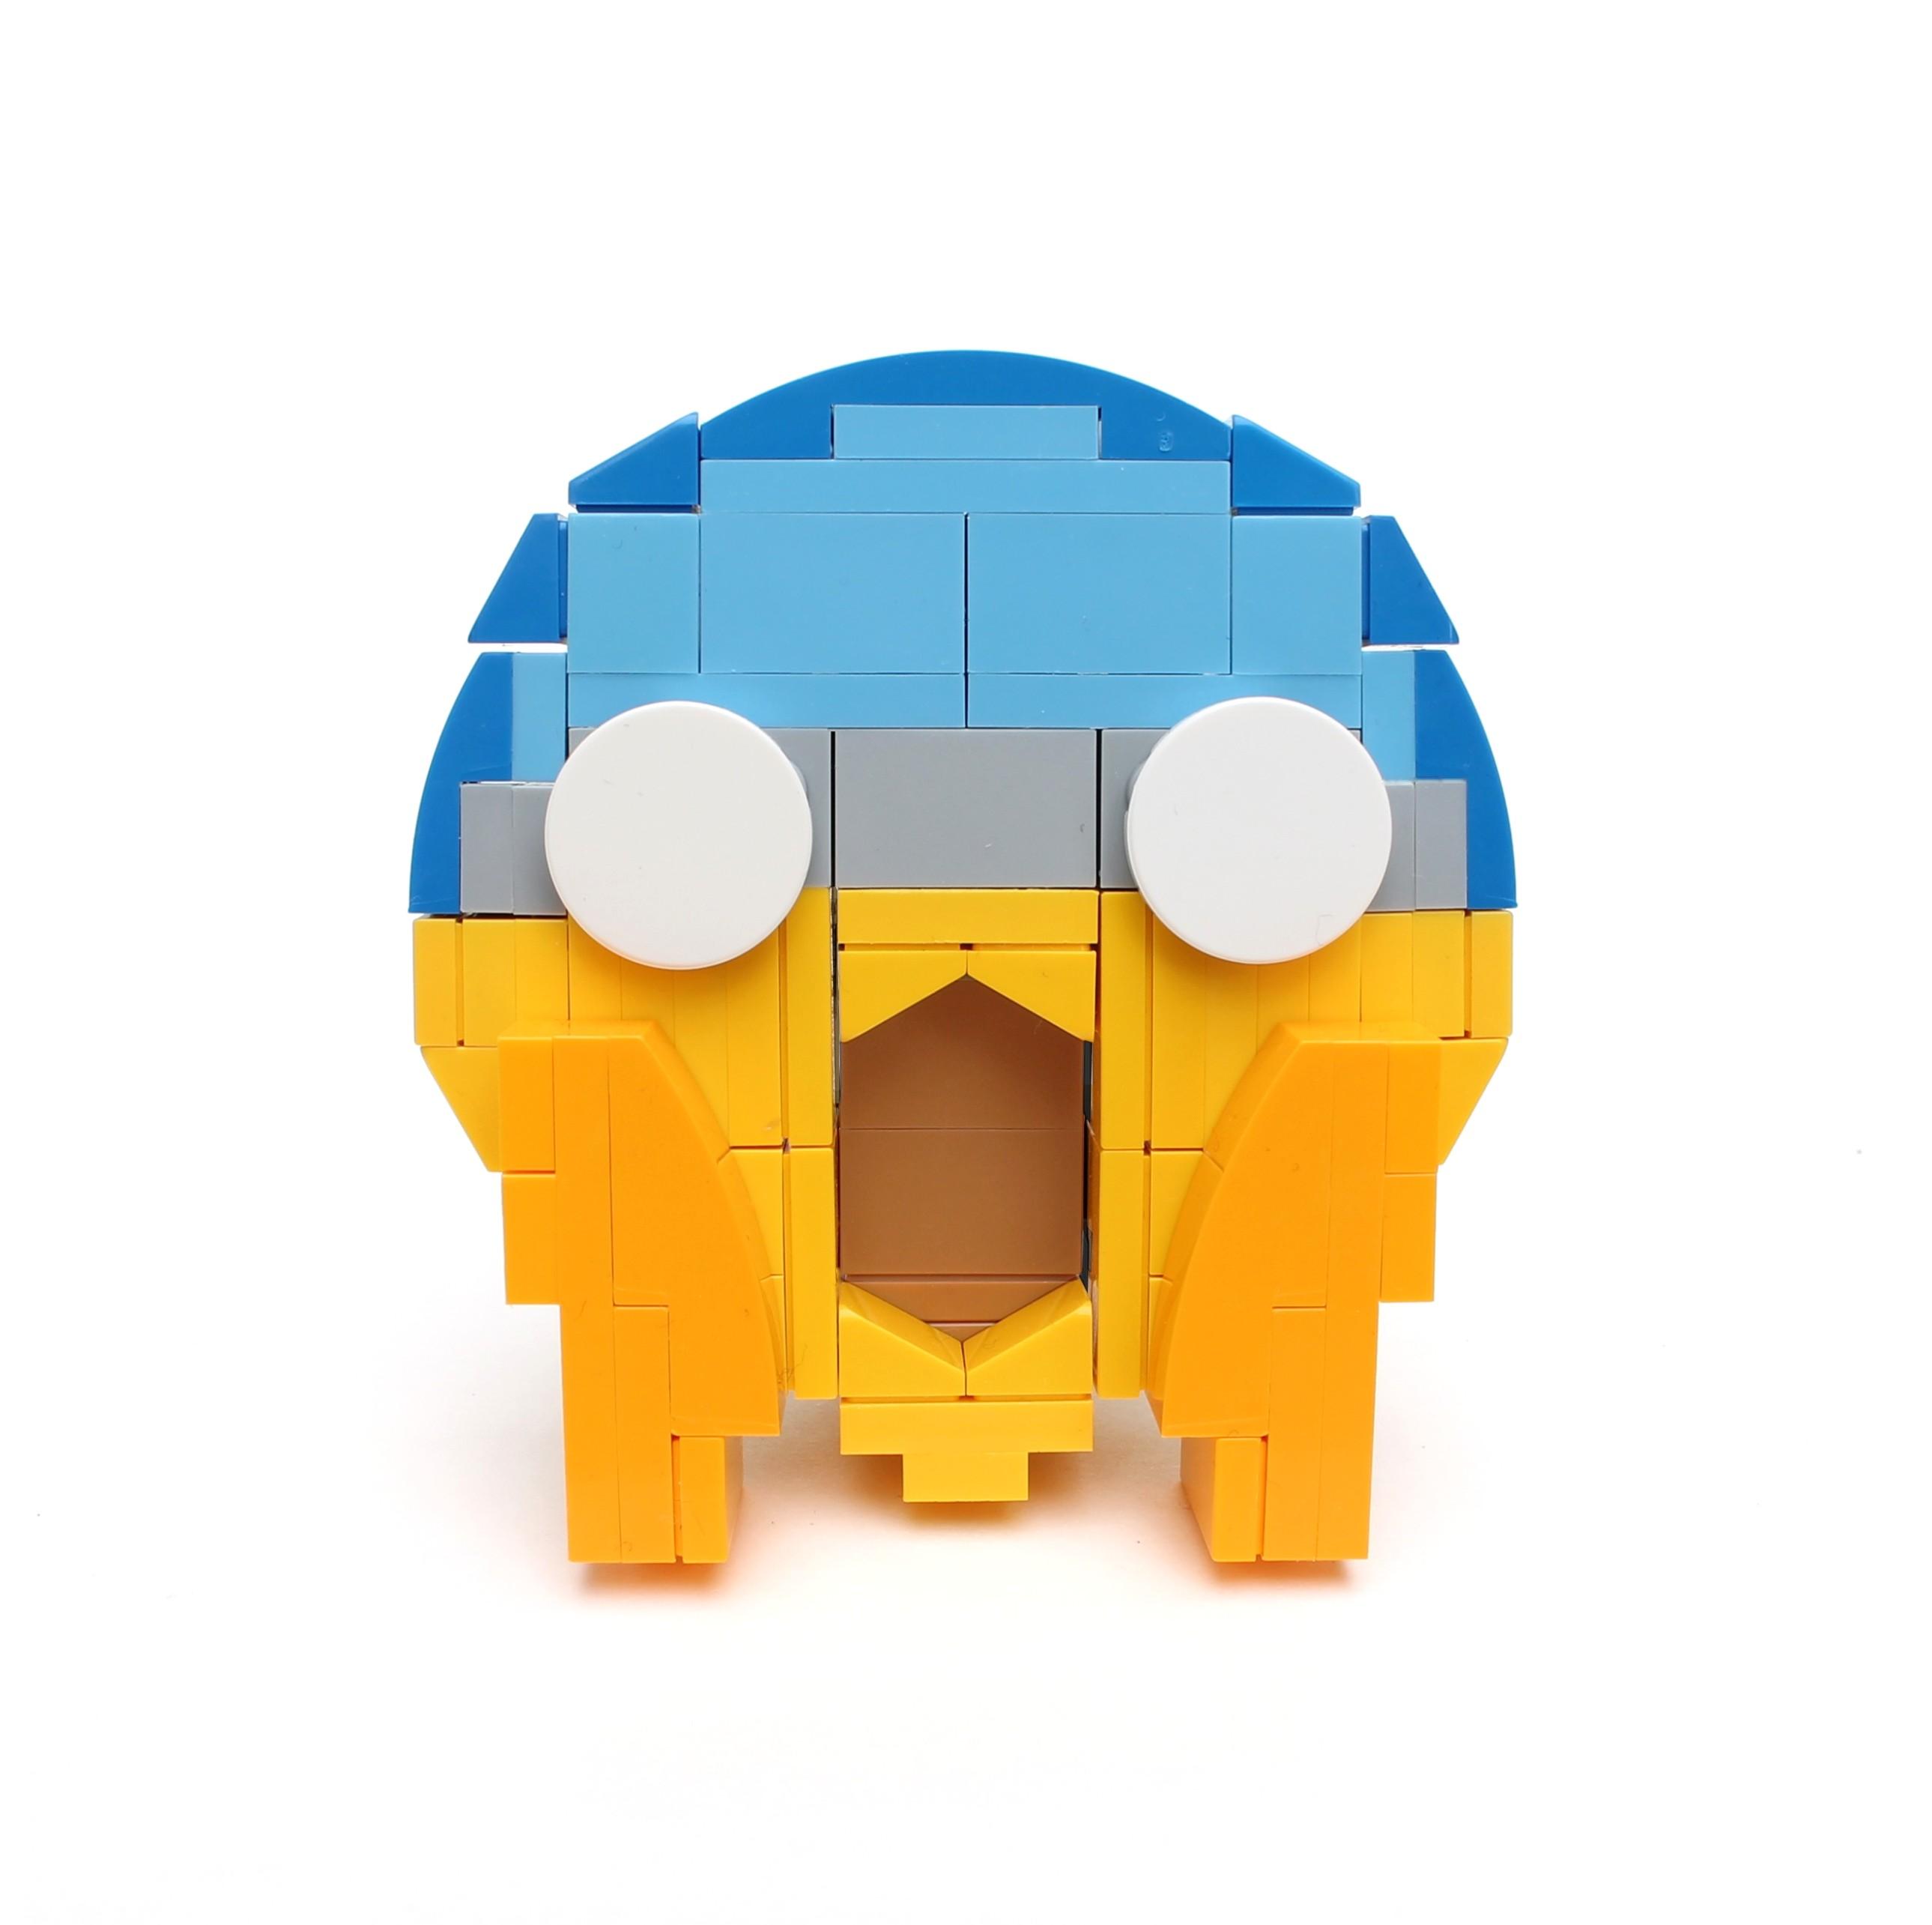 Brick-moji - Face screaming in fear